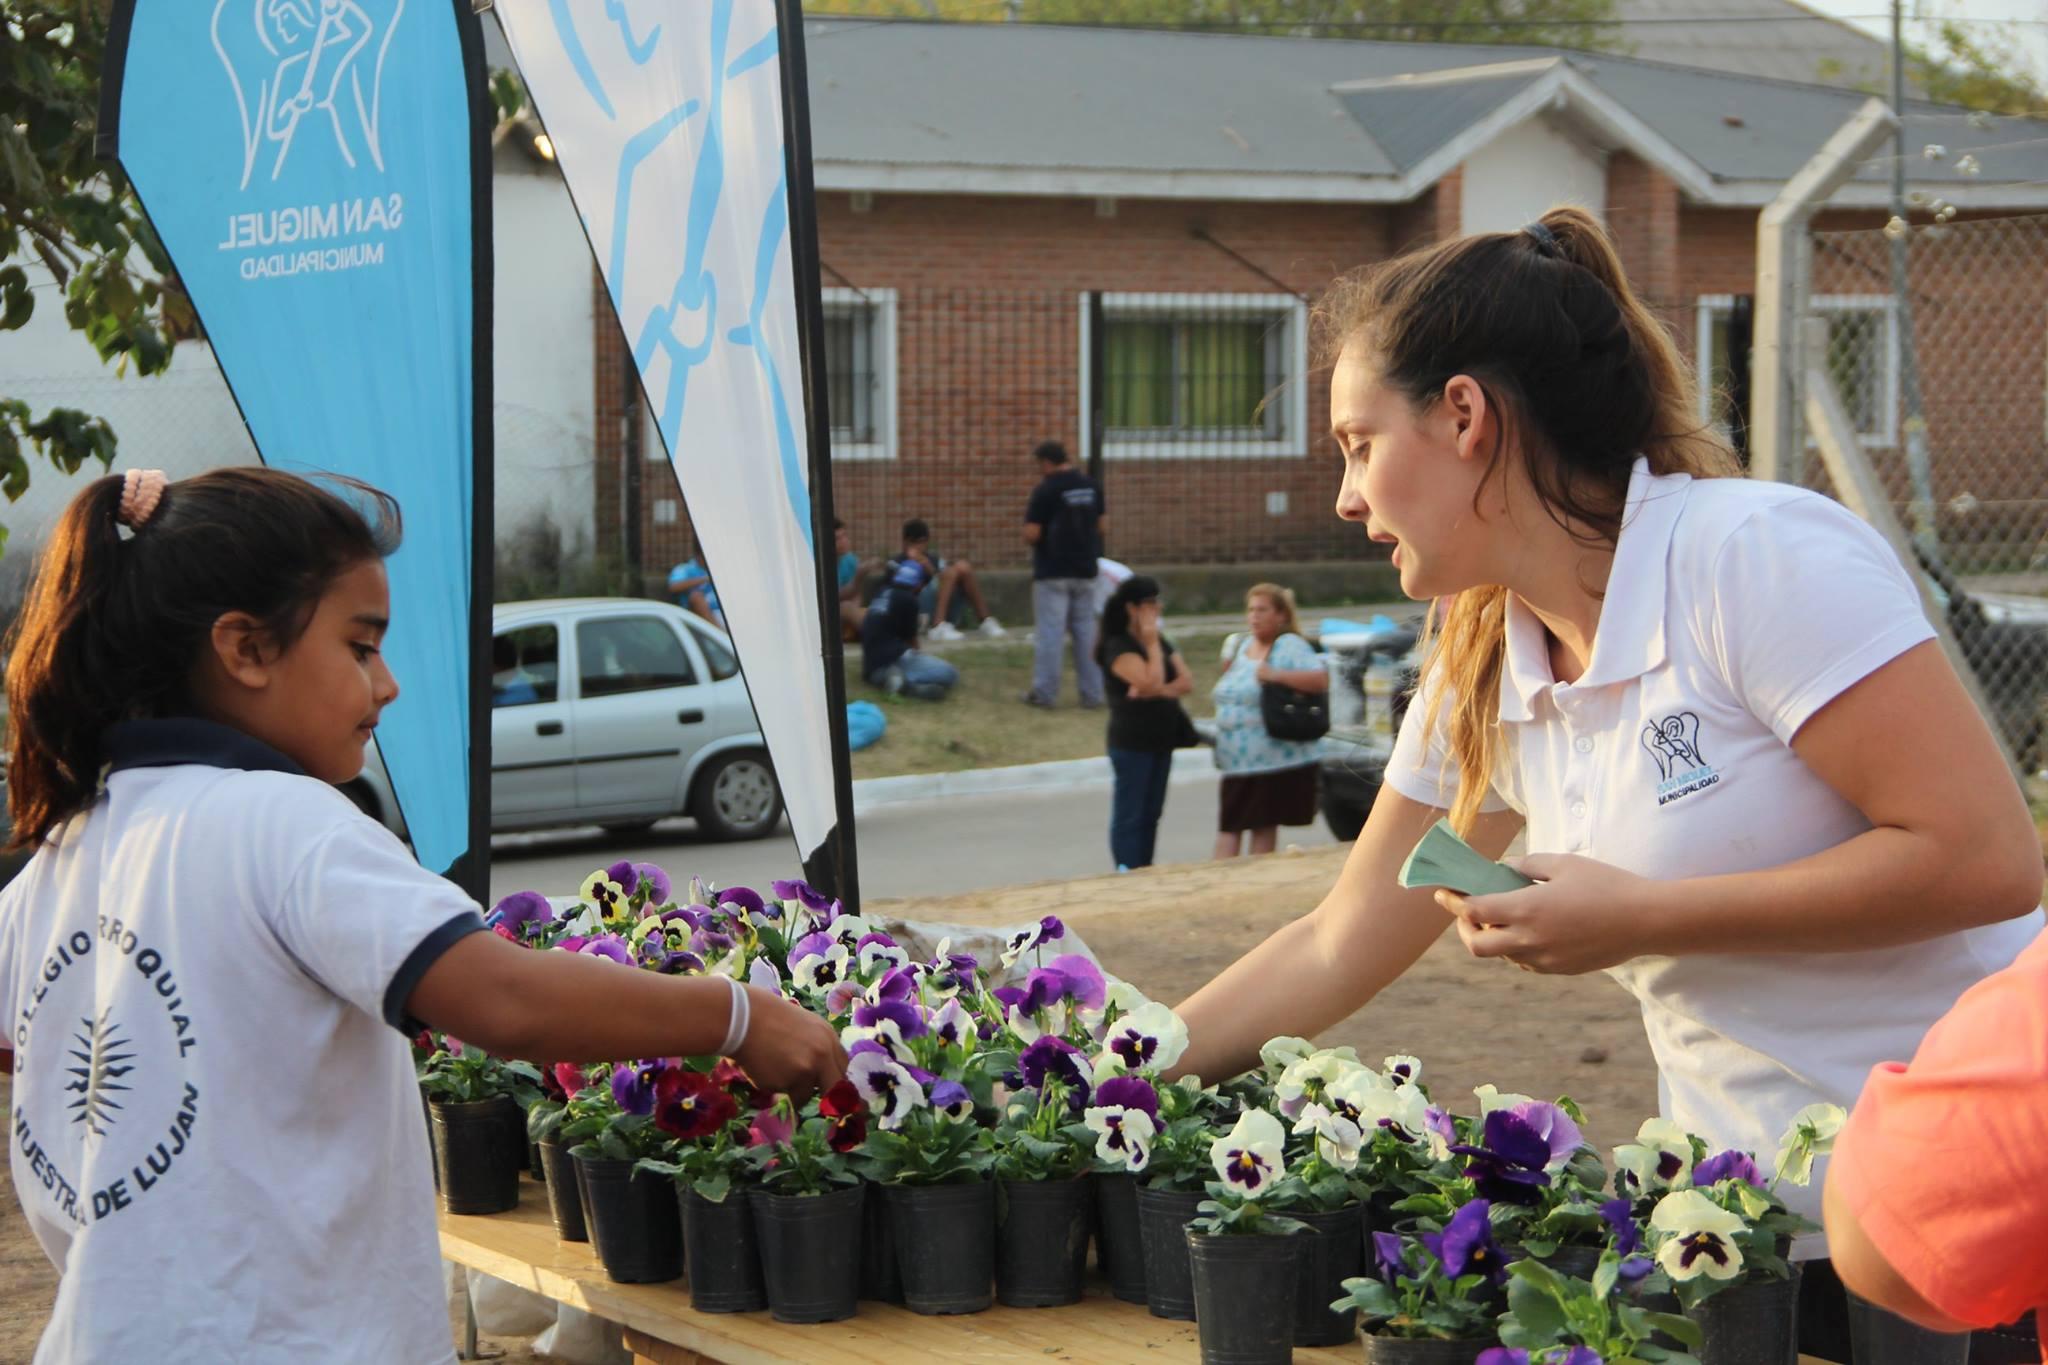 Jornada sustentable en el barrio mitre municipalidad de san miguel